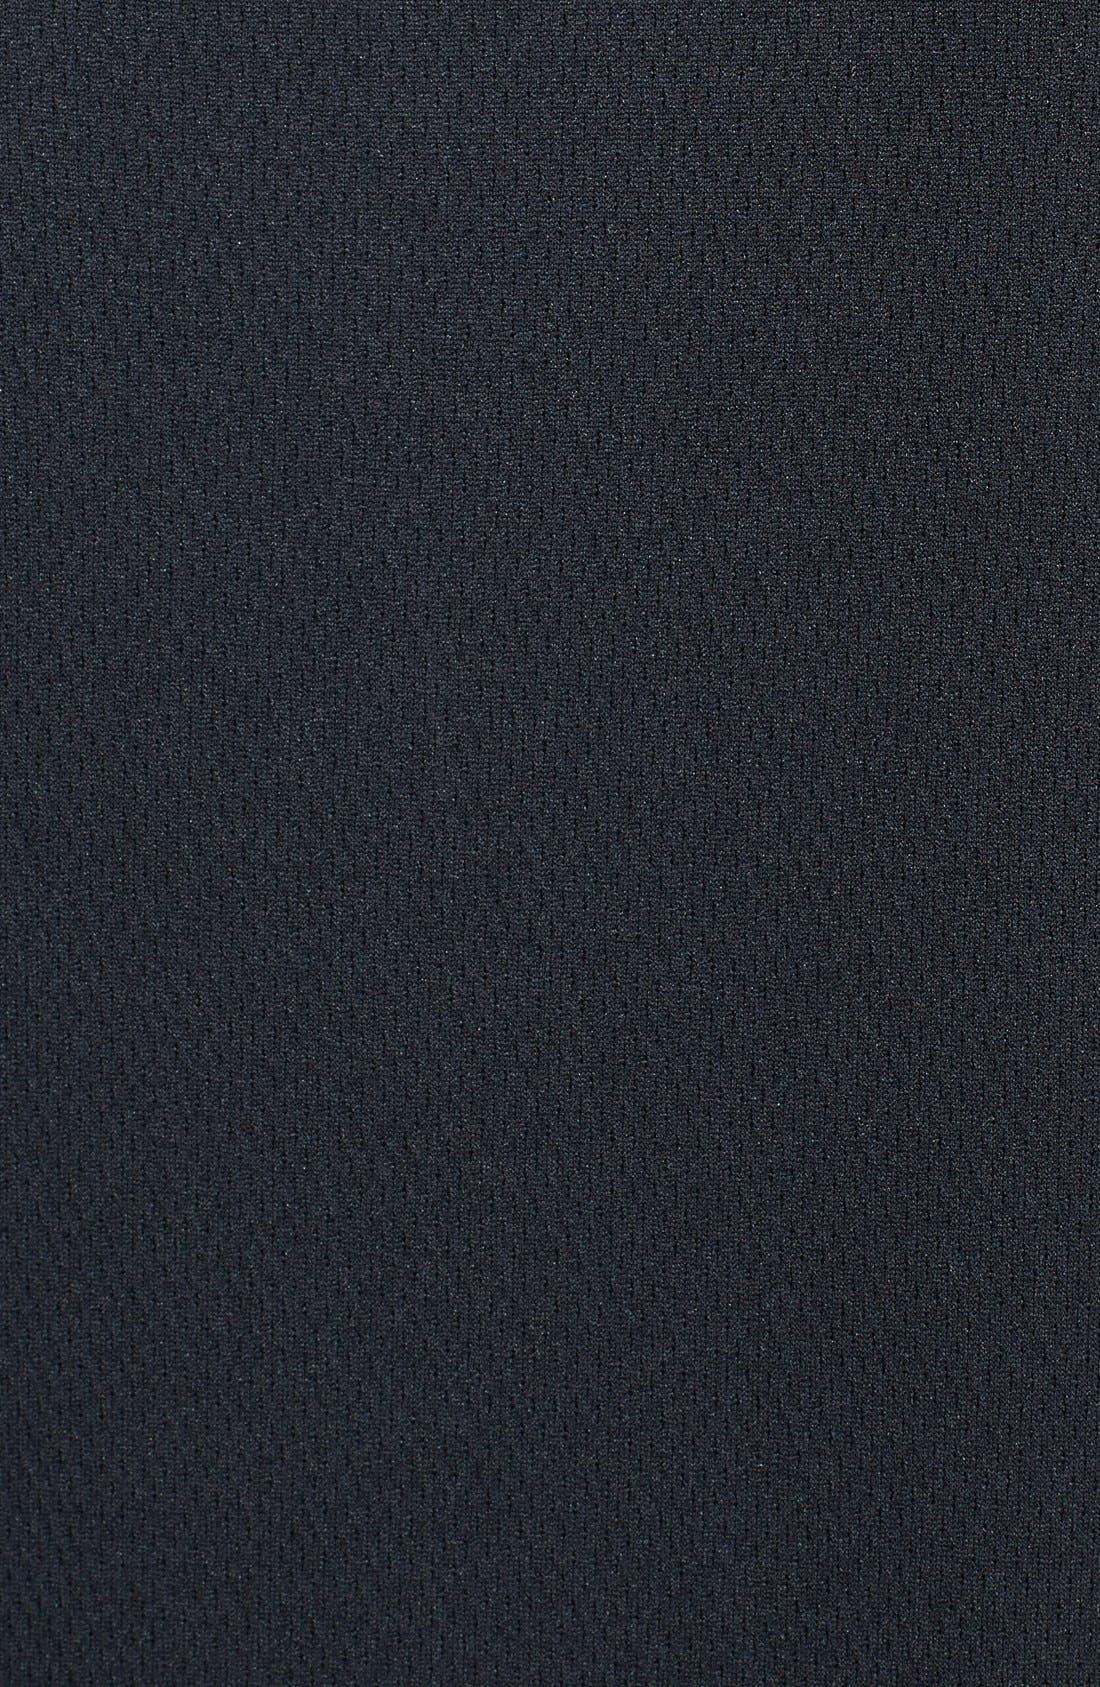 Baltimore Ravens - Edge DryTec Moisture Wicking Half Zip Pullover,                             Alternate thumbnail 3, color,                             001